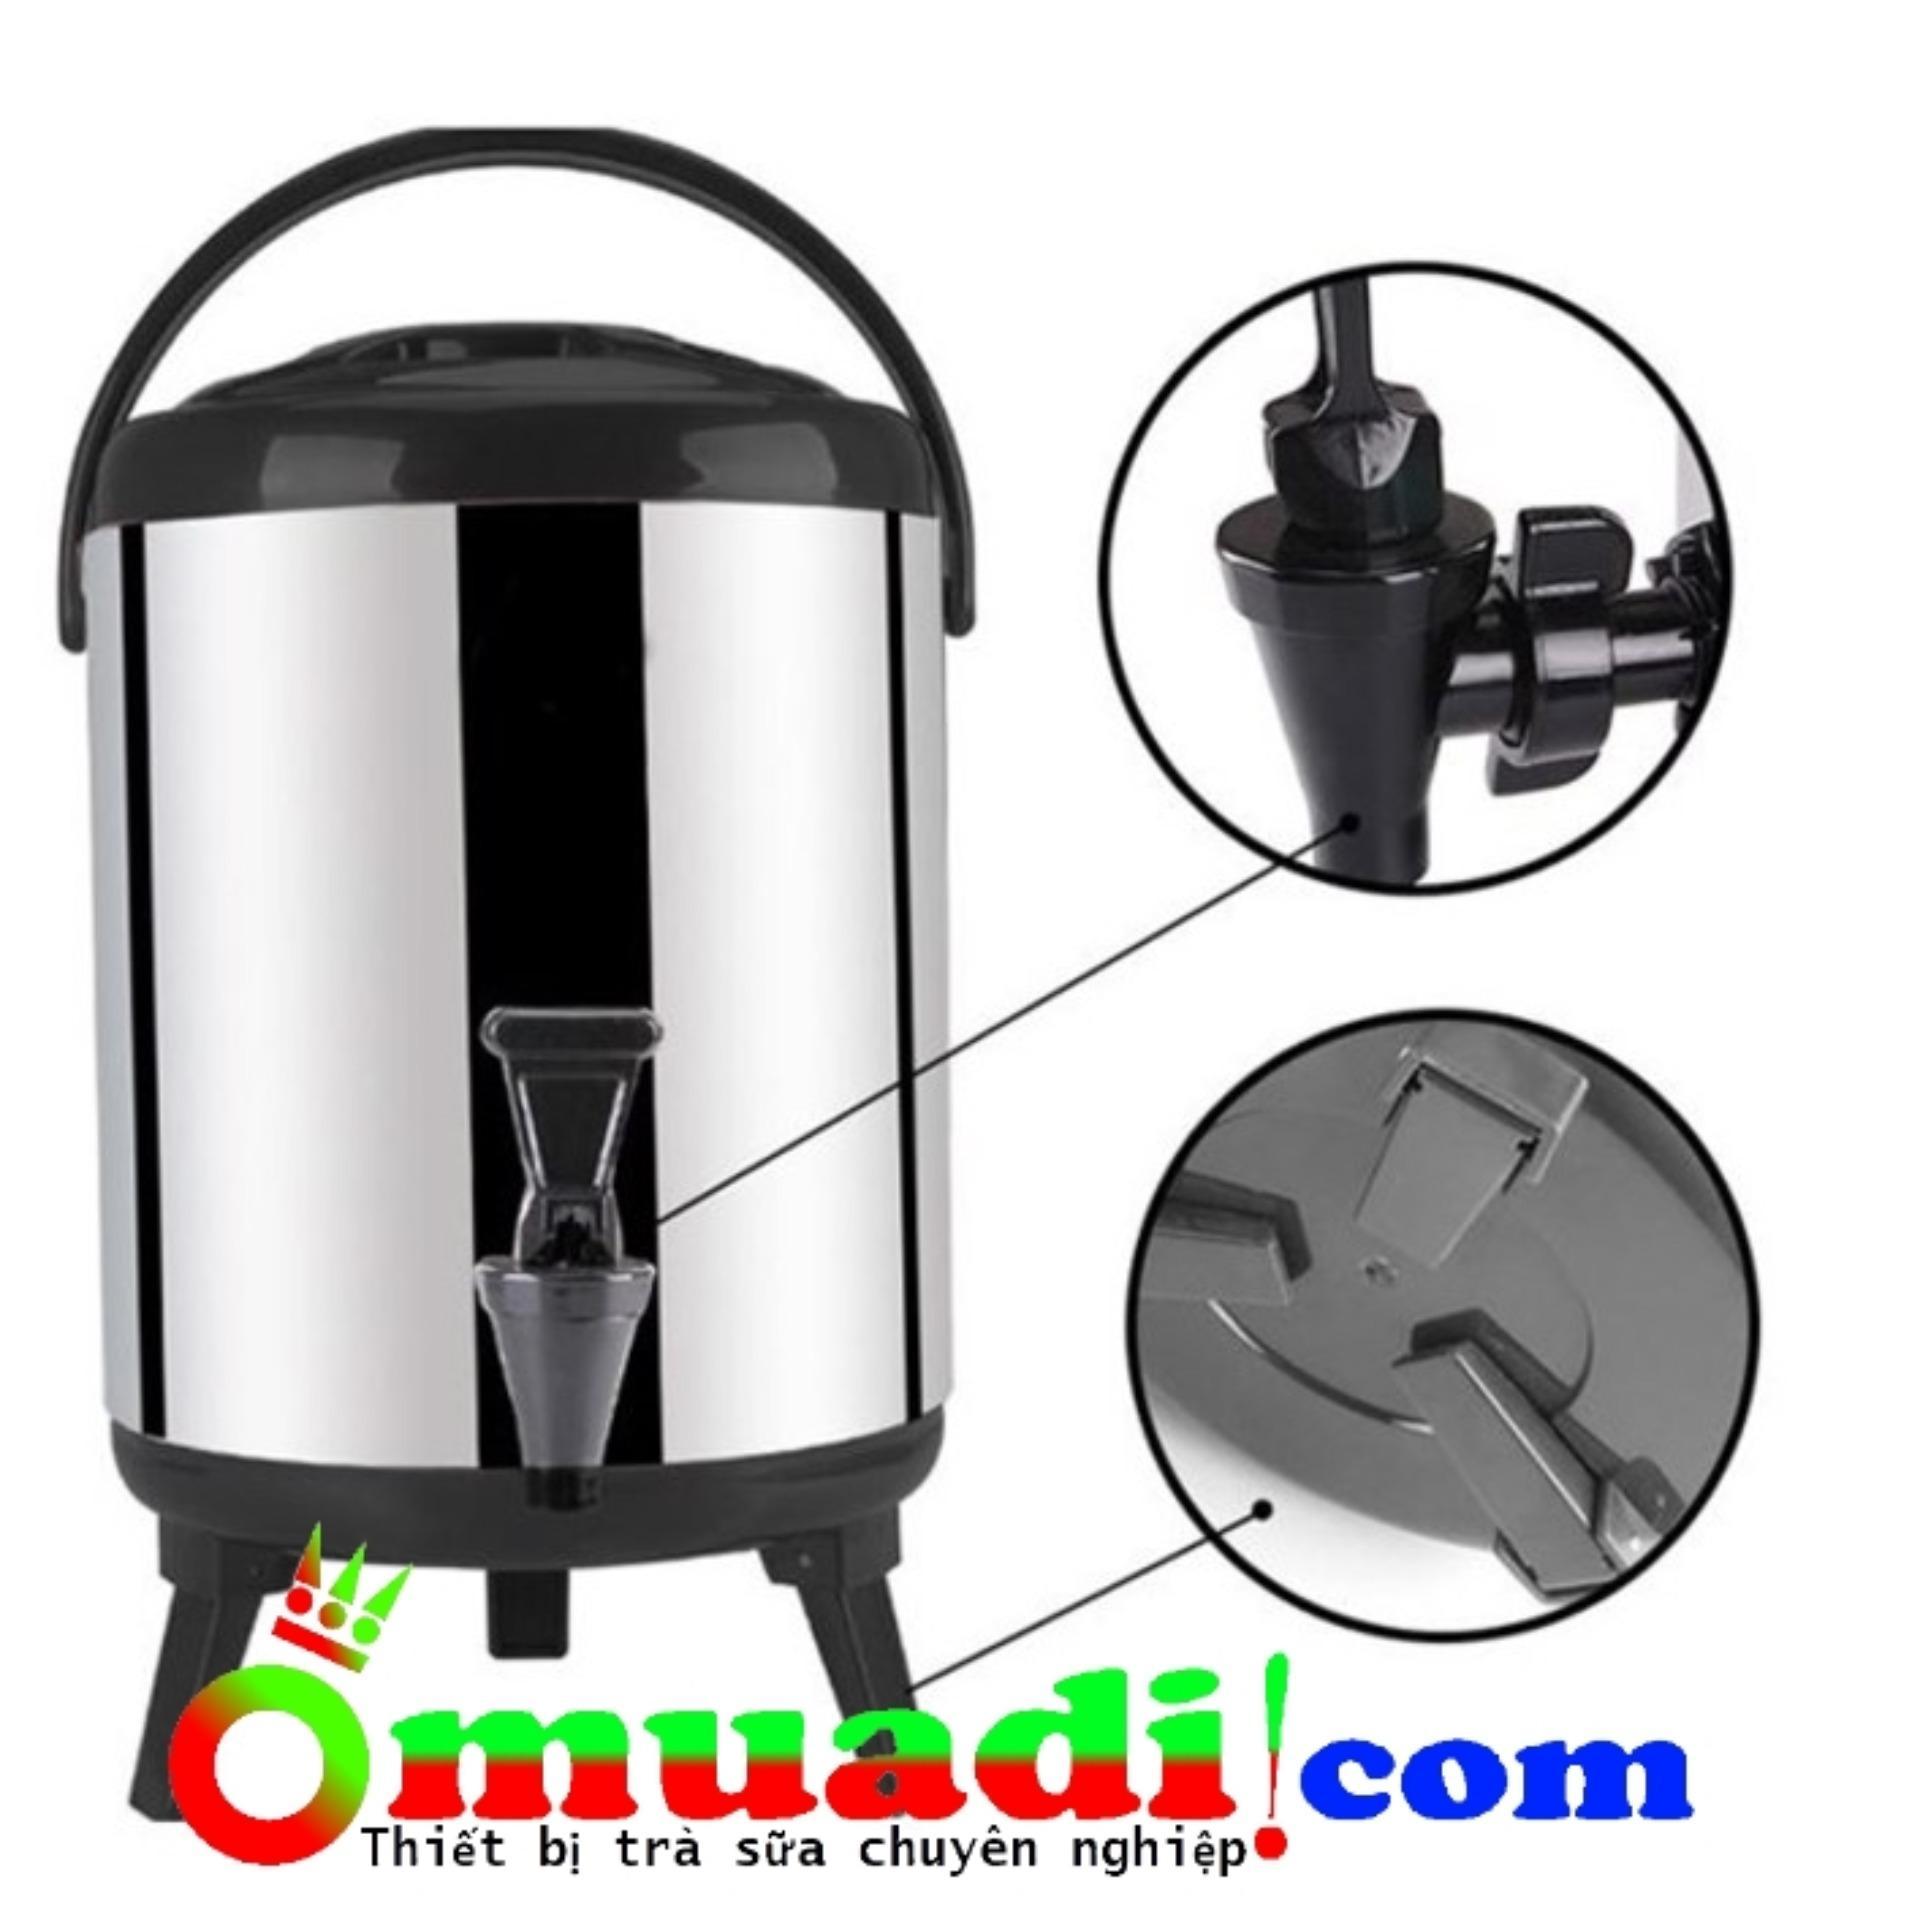 Bình ủ trà 6L